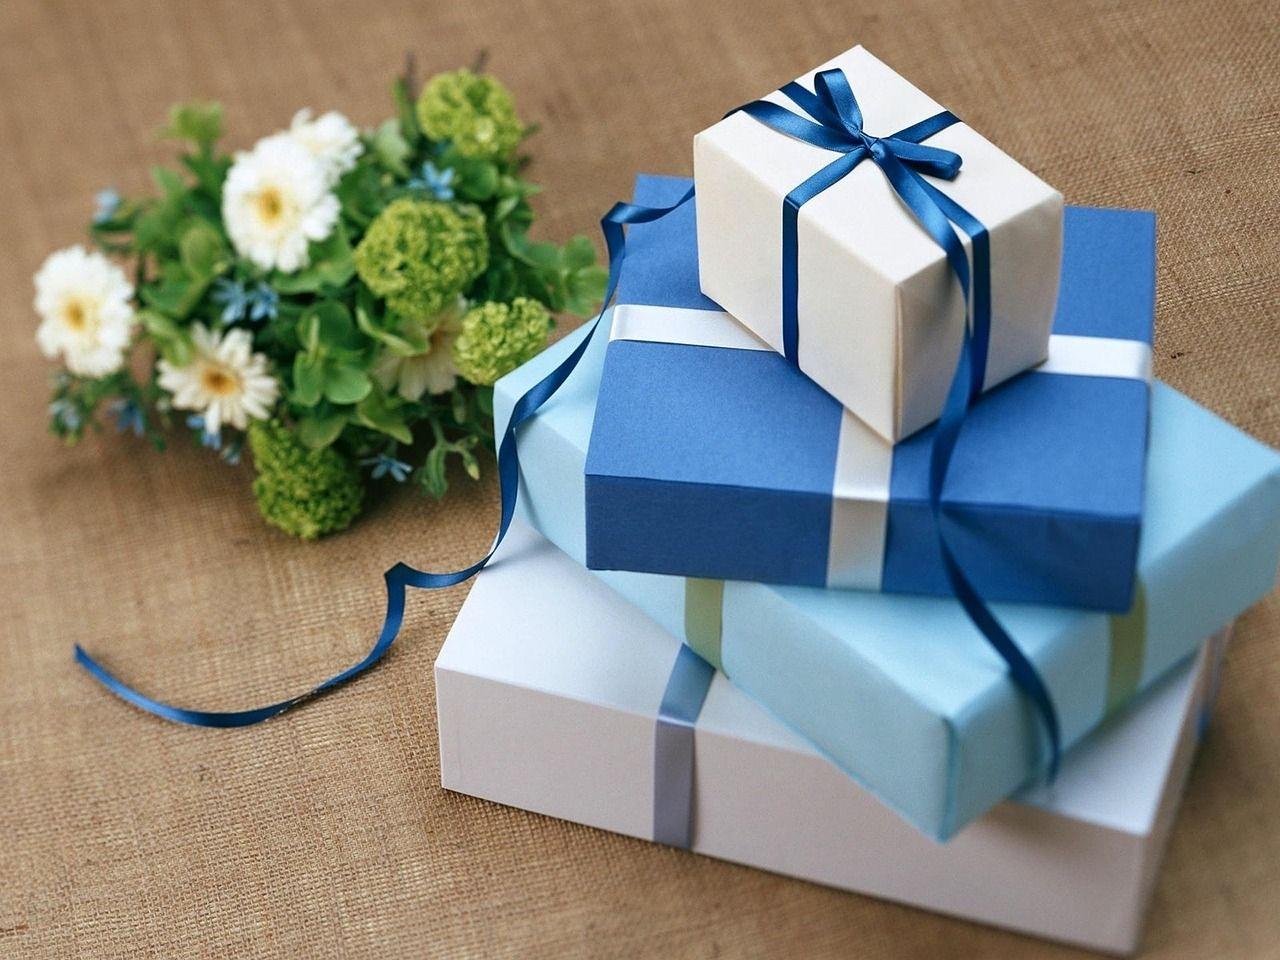 Jak dopasować prezent tak, aby pasował na każdą okazję?